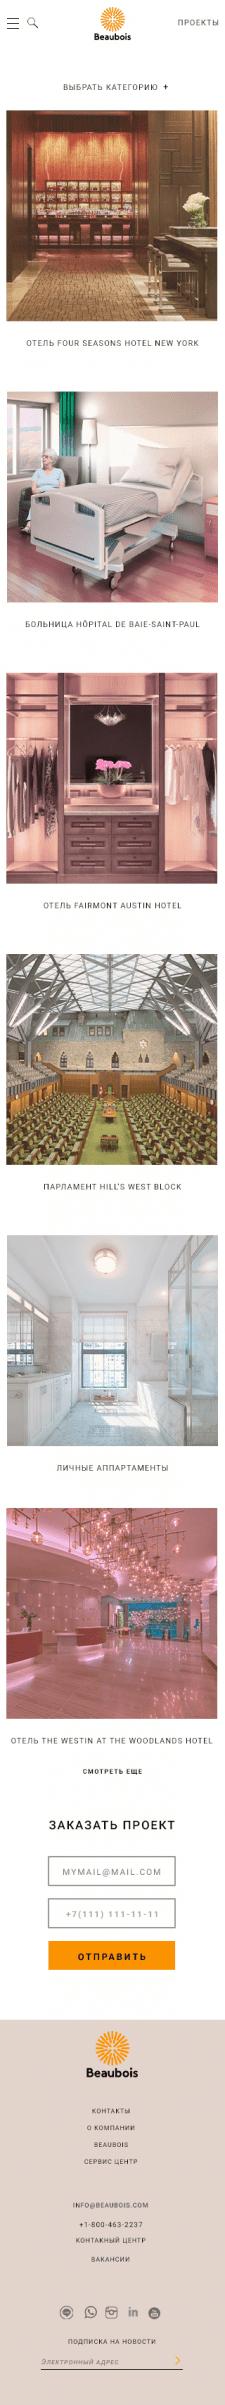 Сайт Дизайна интерьеров